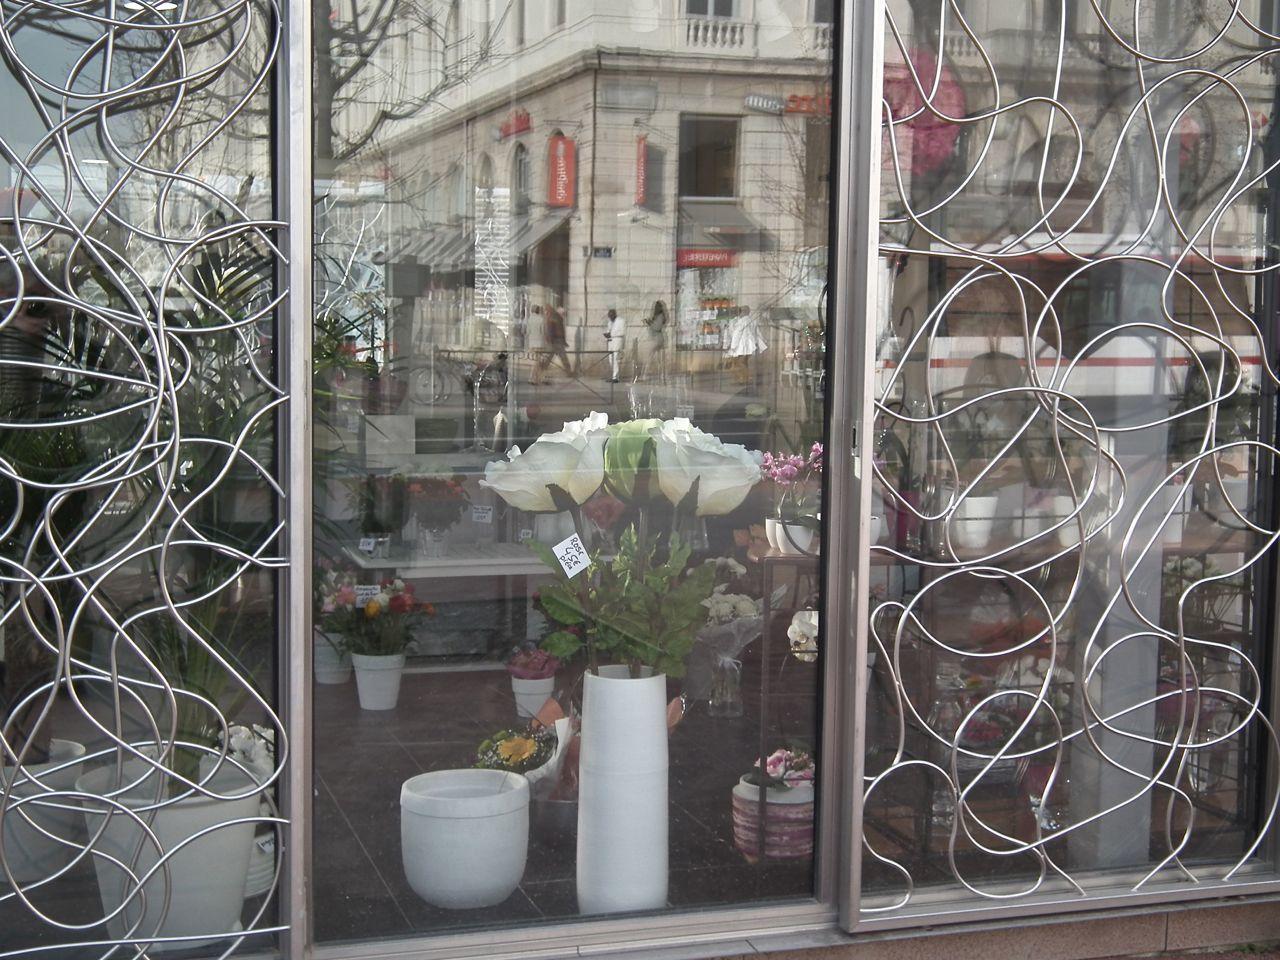 Reflets et vitrines